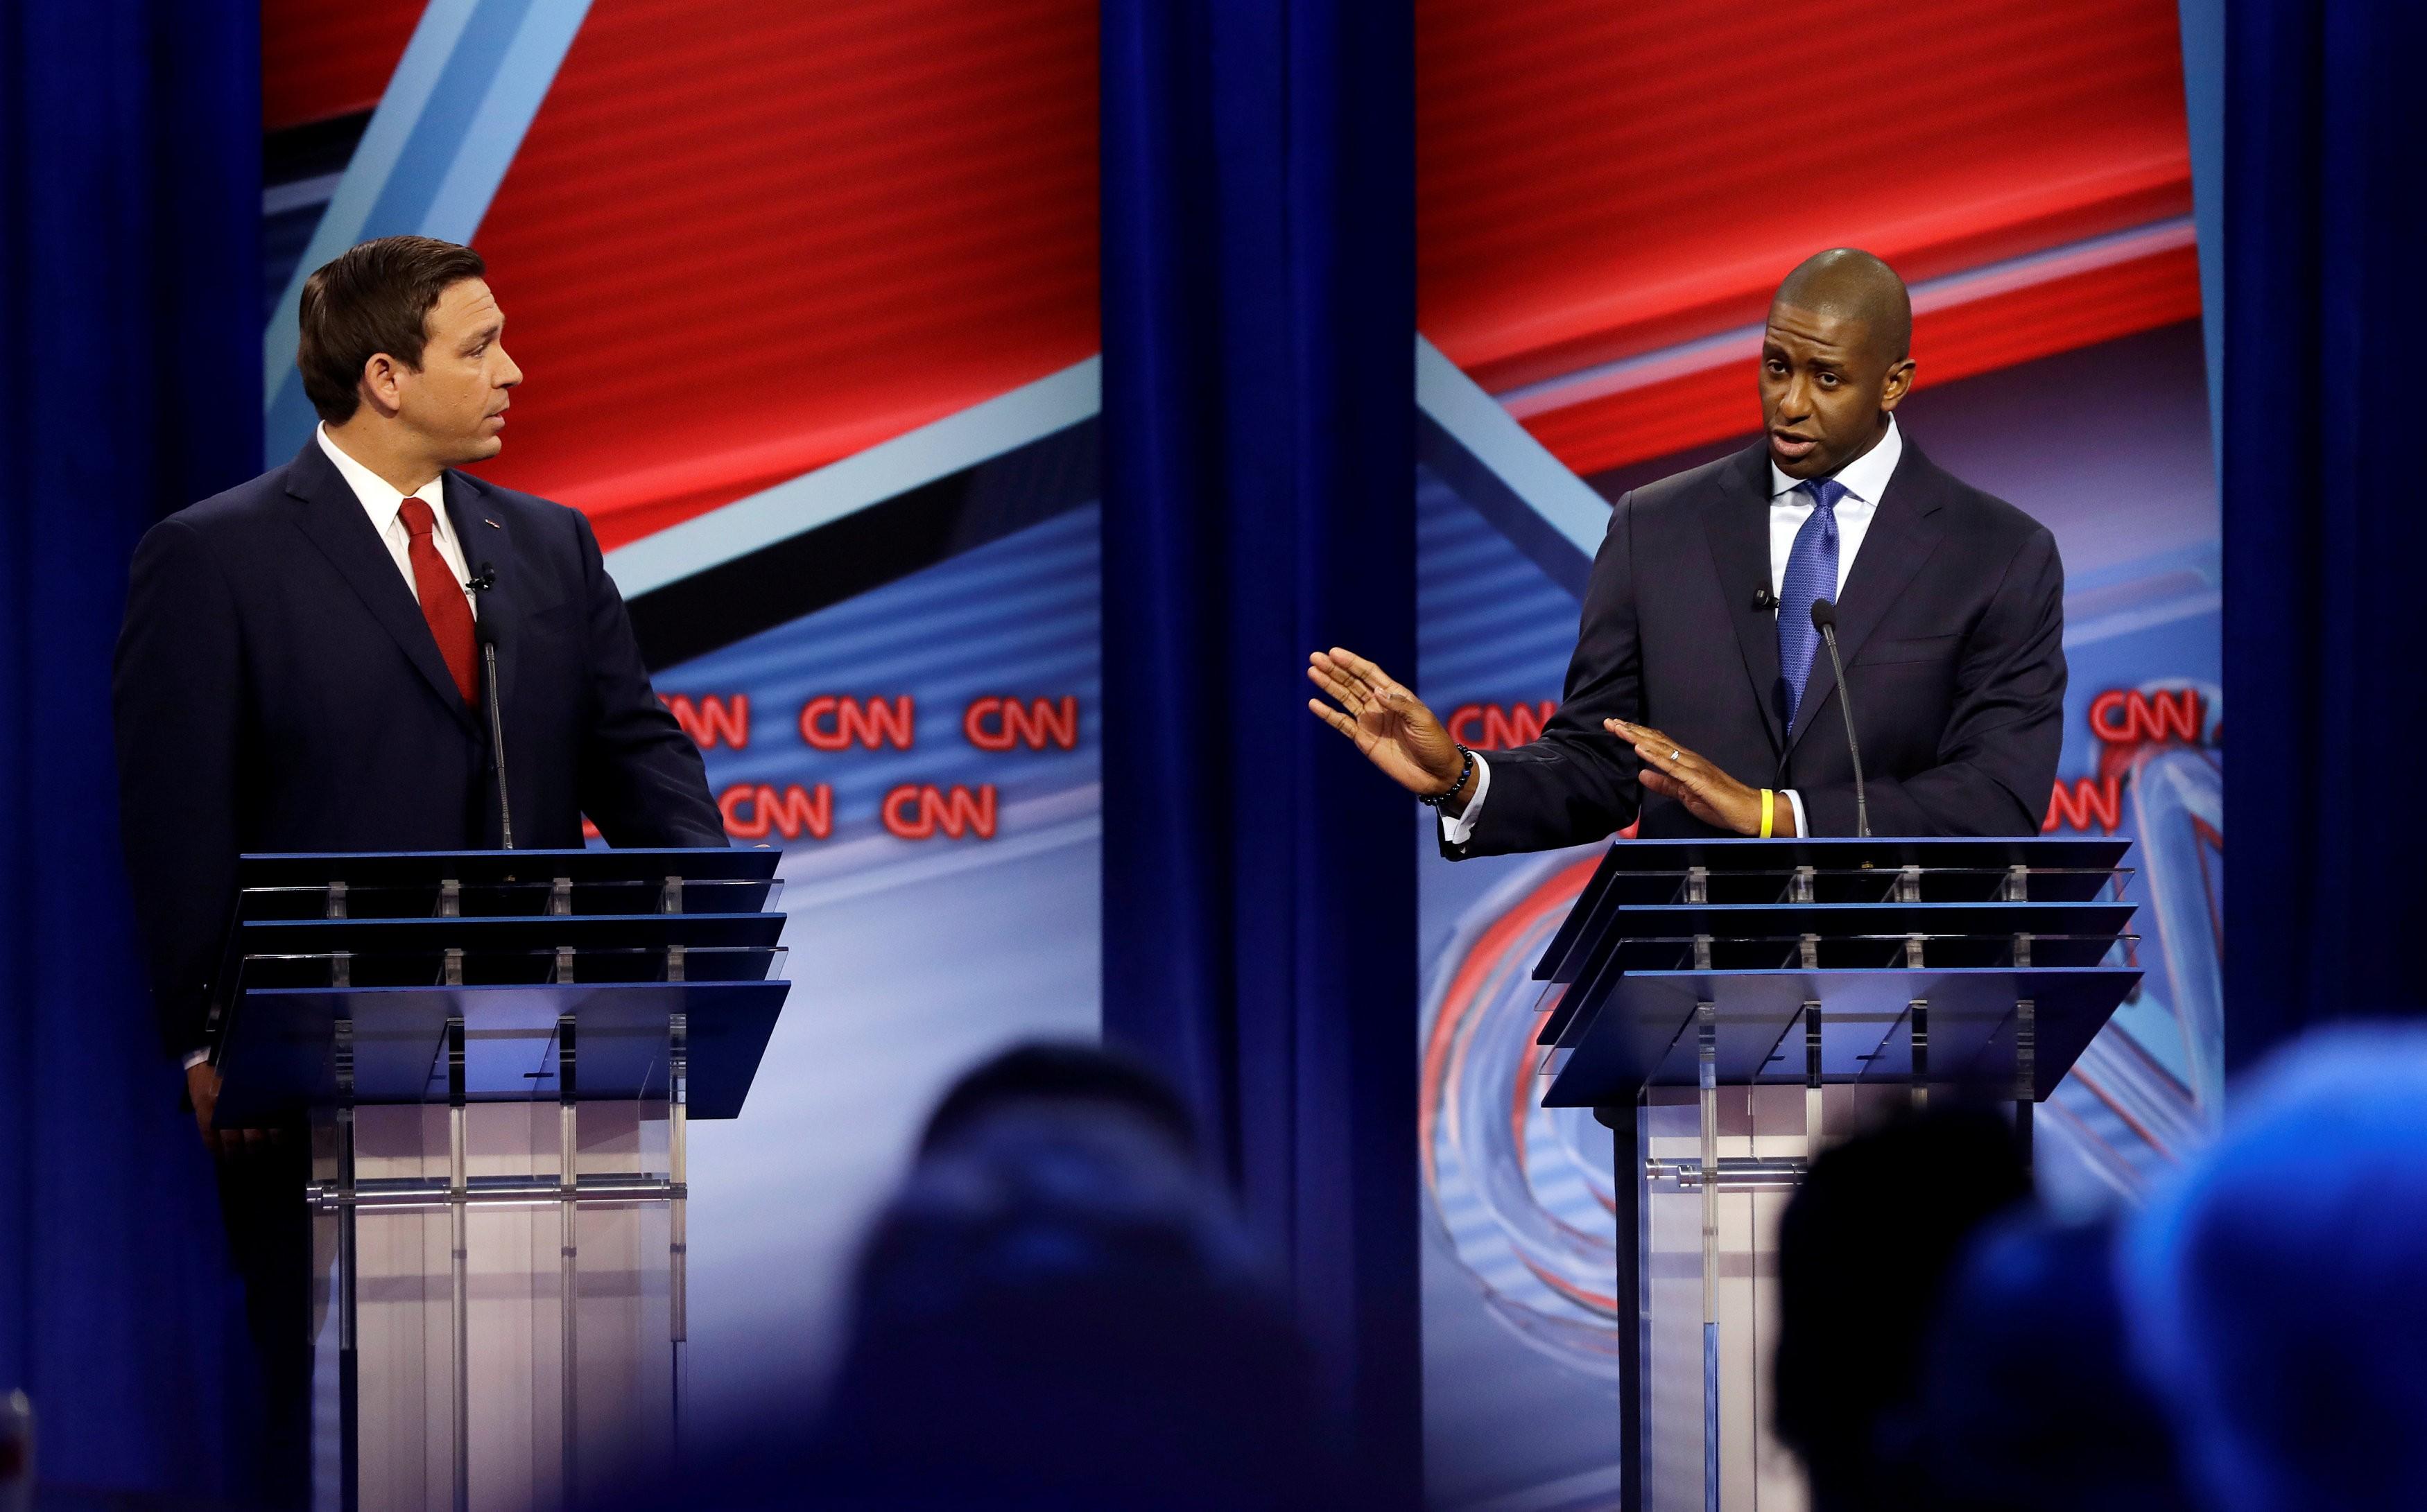 Republicanos falam em 'fraude' em meio a recontagem de votos para governador e senador na Flórida